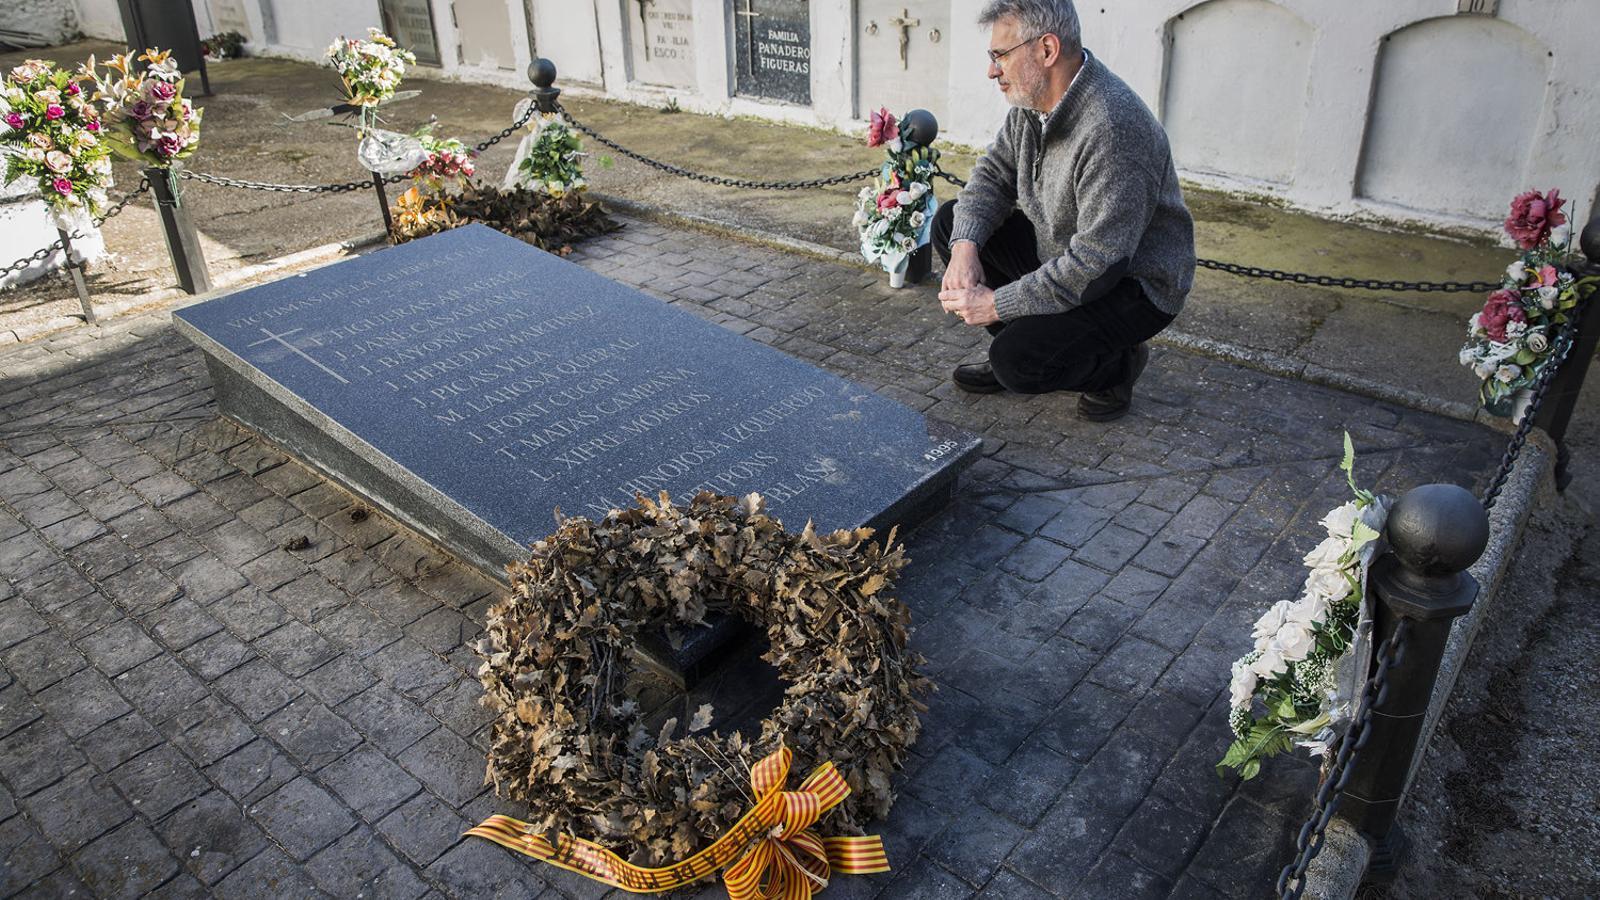 Fèlix Figueras davant la fossa a Abrera on hi ha enterrat el seu avi, afusellat el 19 de febrer del 1939.